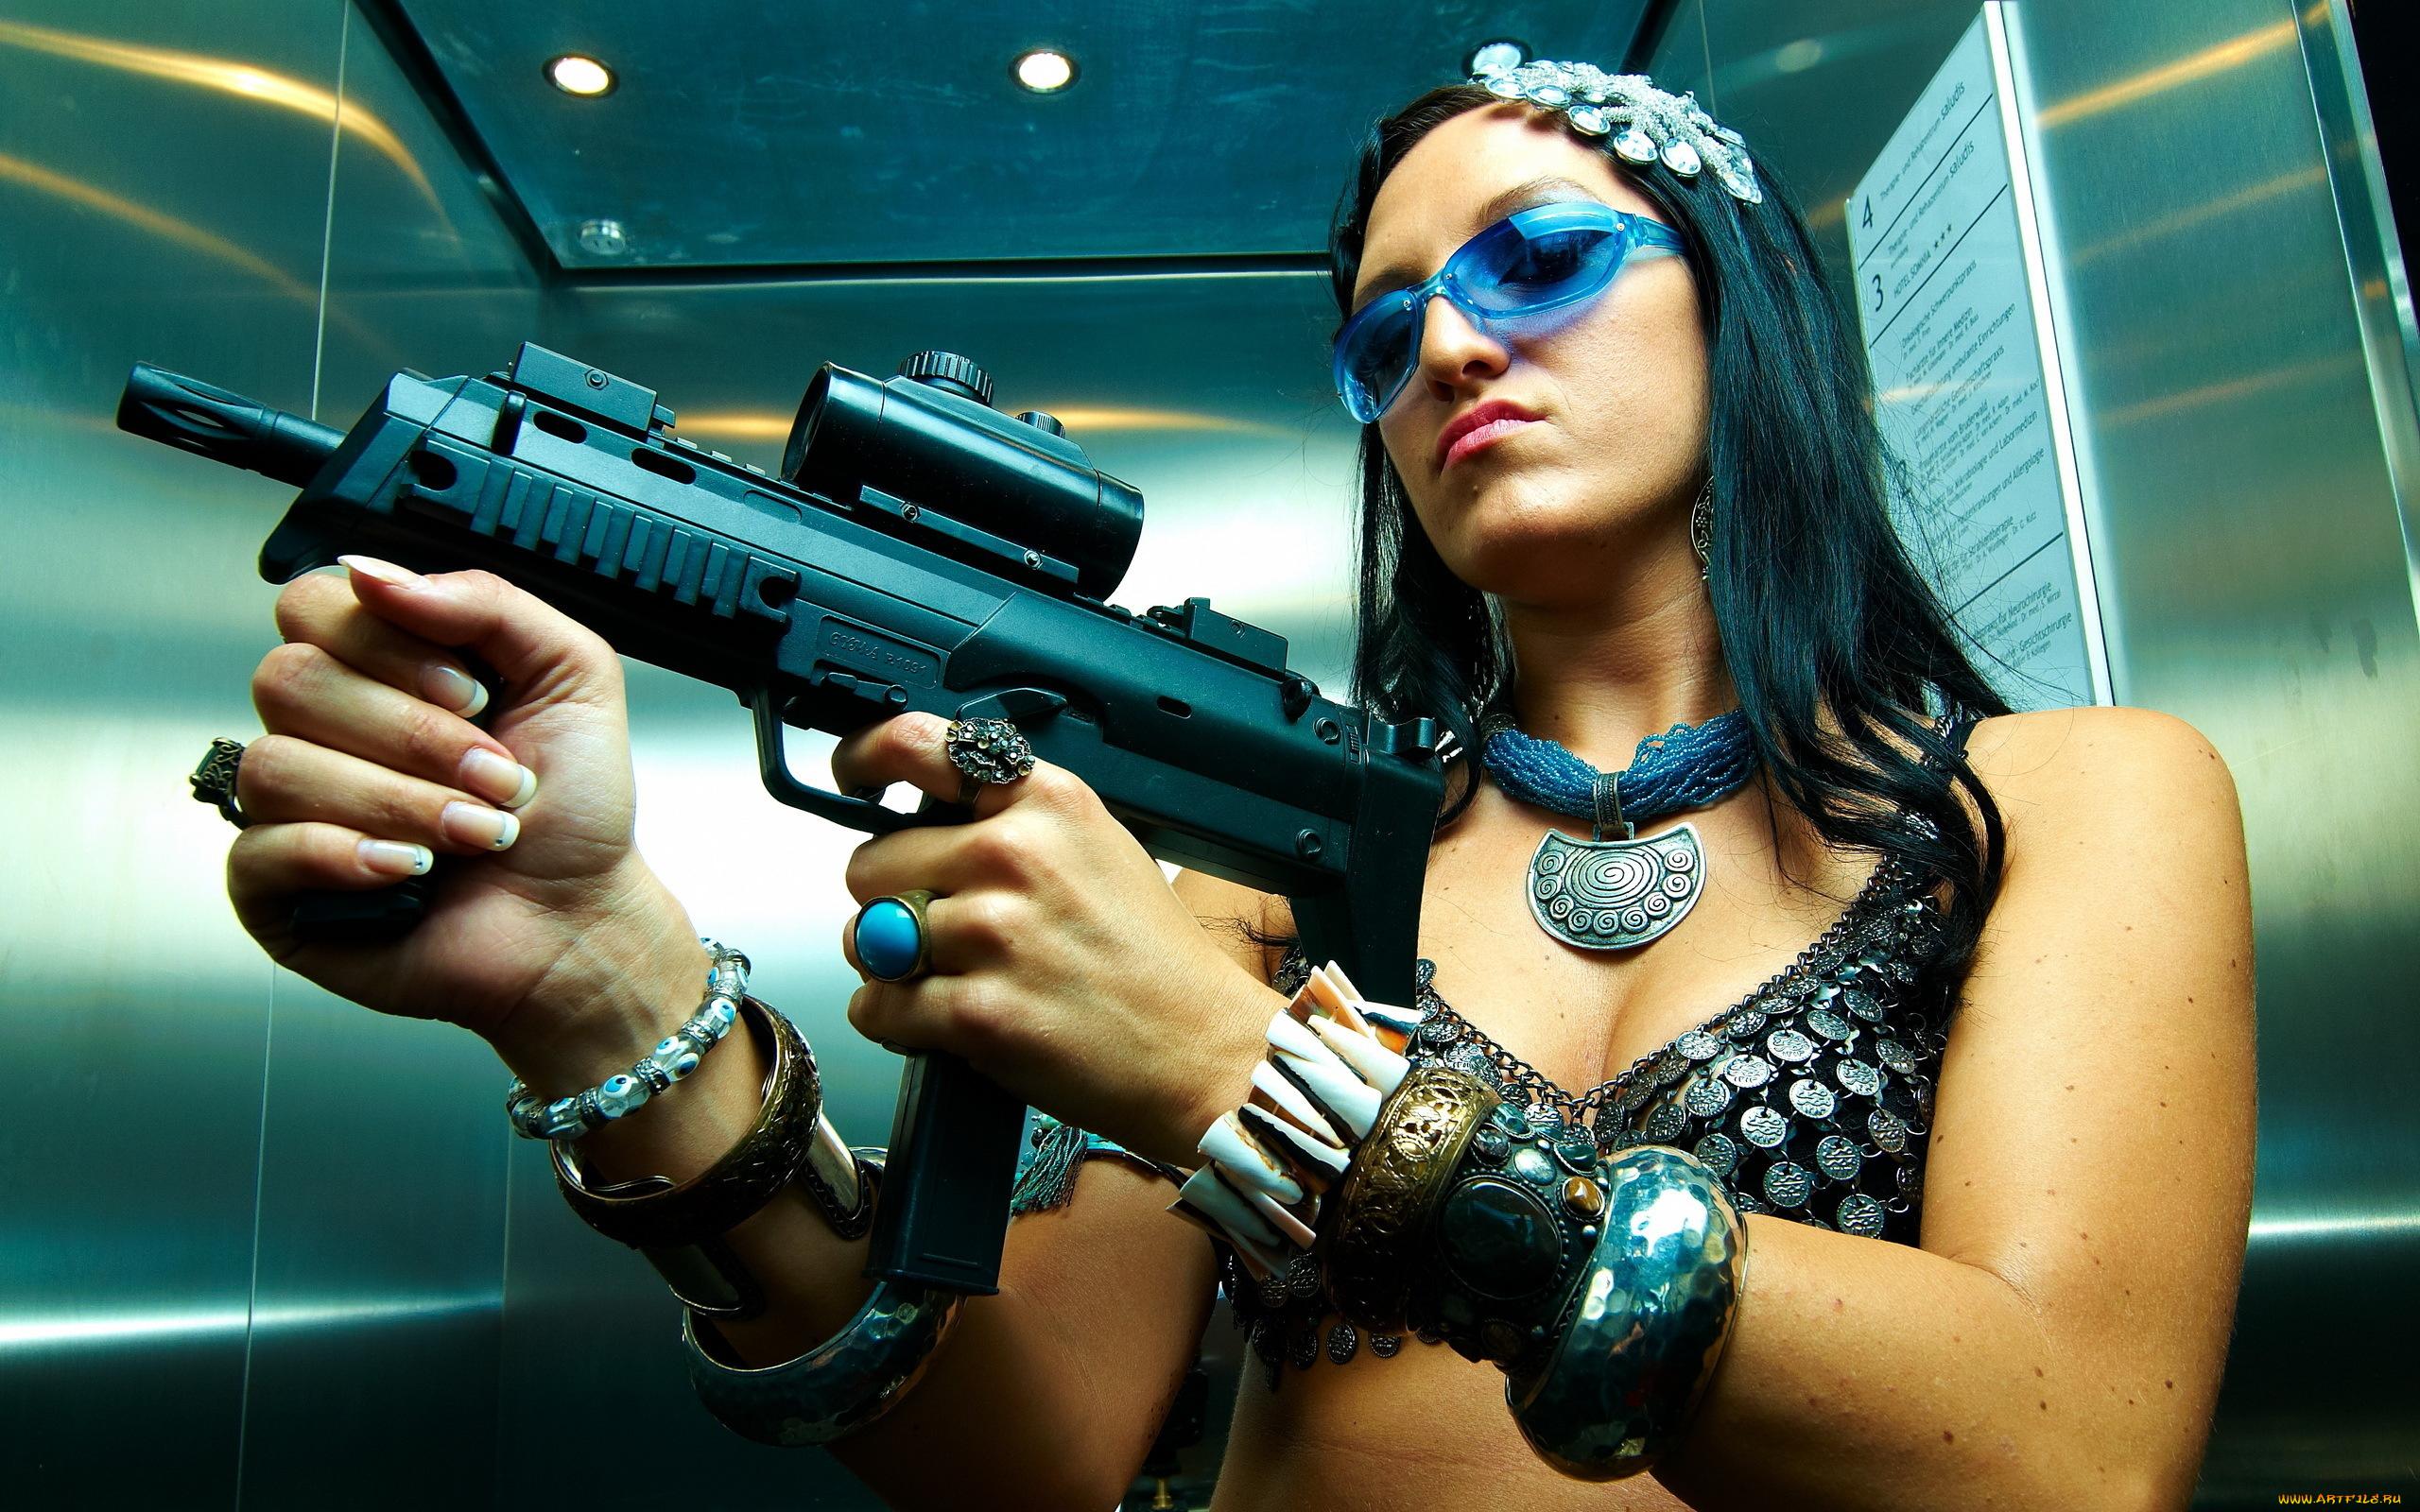 нивелировка всенепременно девки с пушками онлайн пропадай,ты как